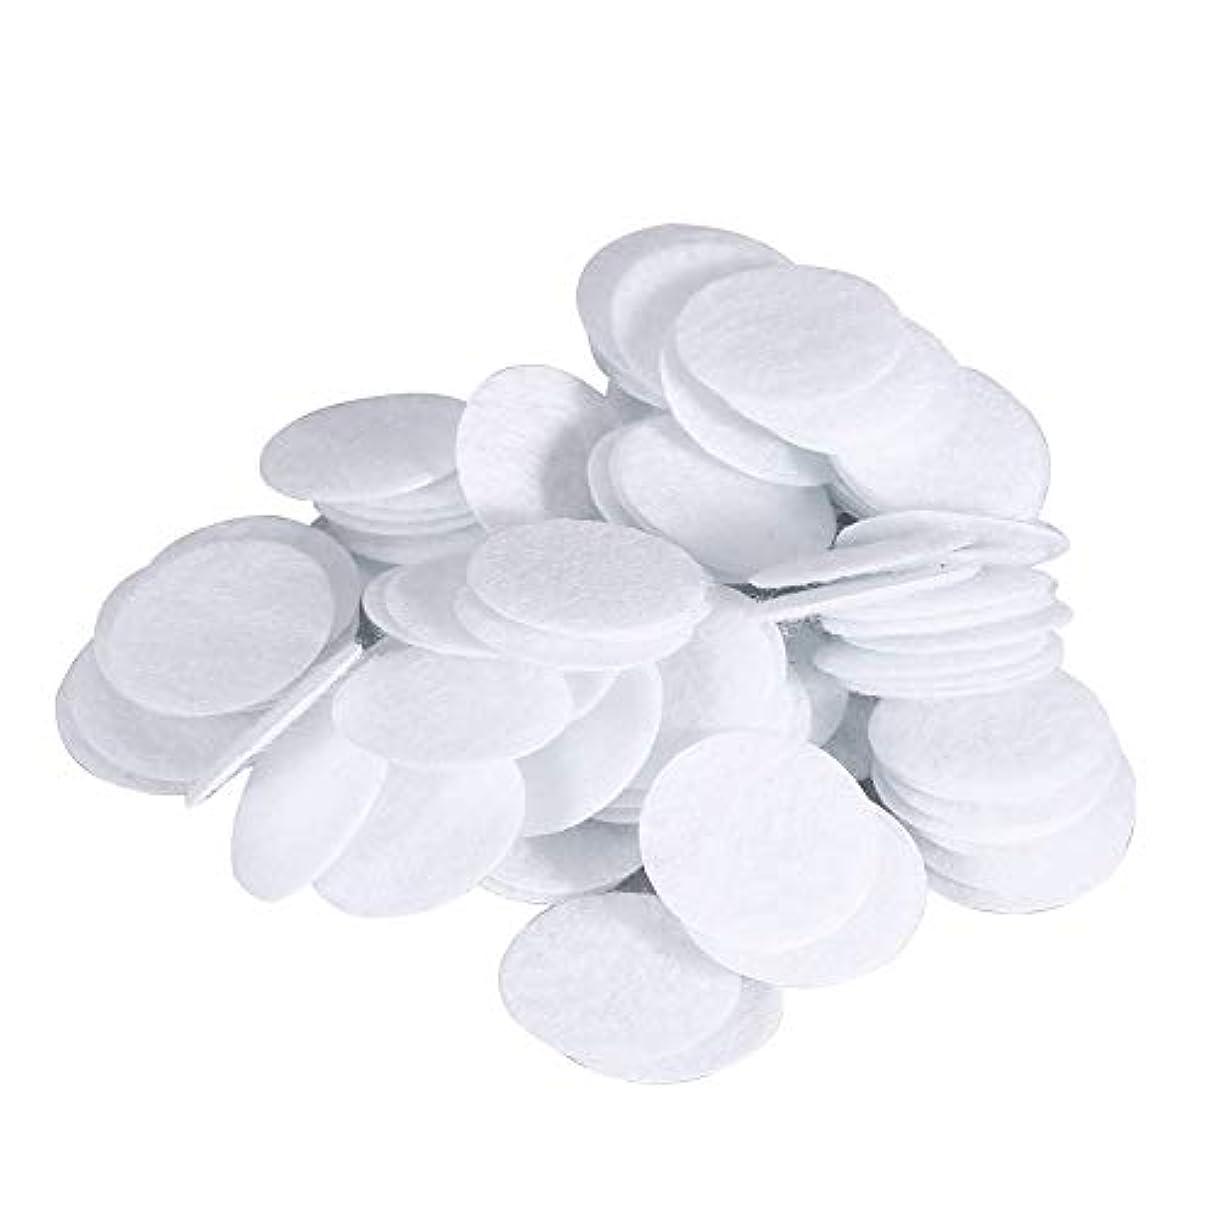 論理的オリエンテーションエスニック綿フィルターパッド にきび除去美容機用 100個 コットン 20mm